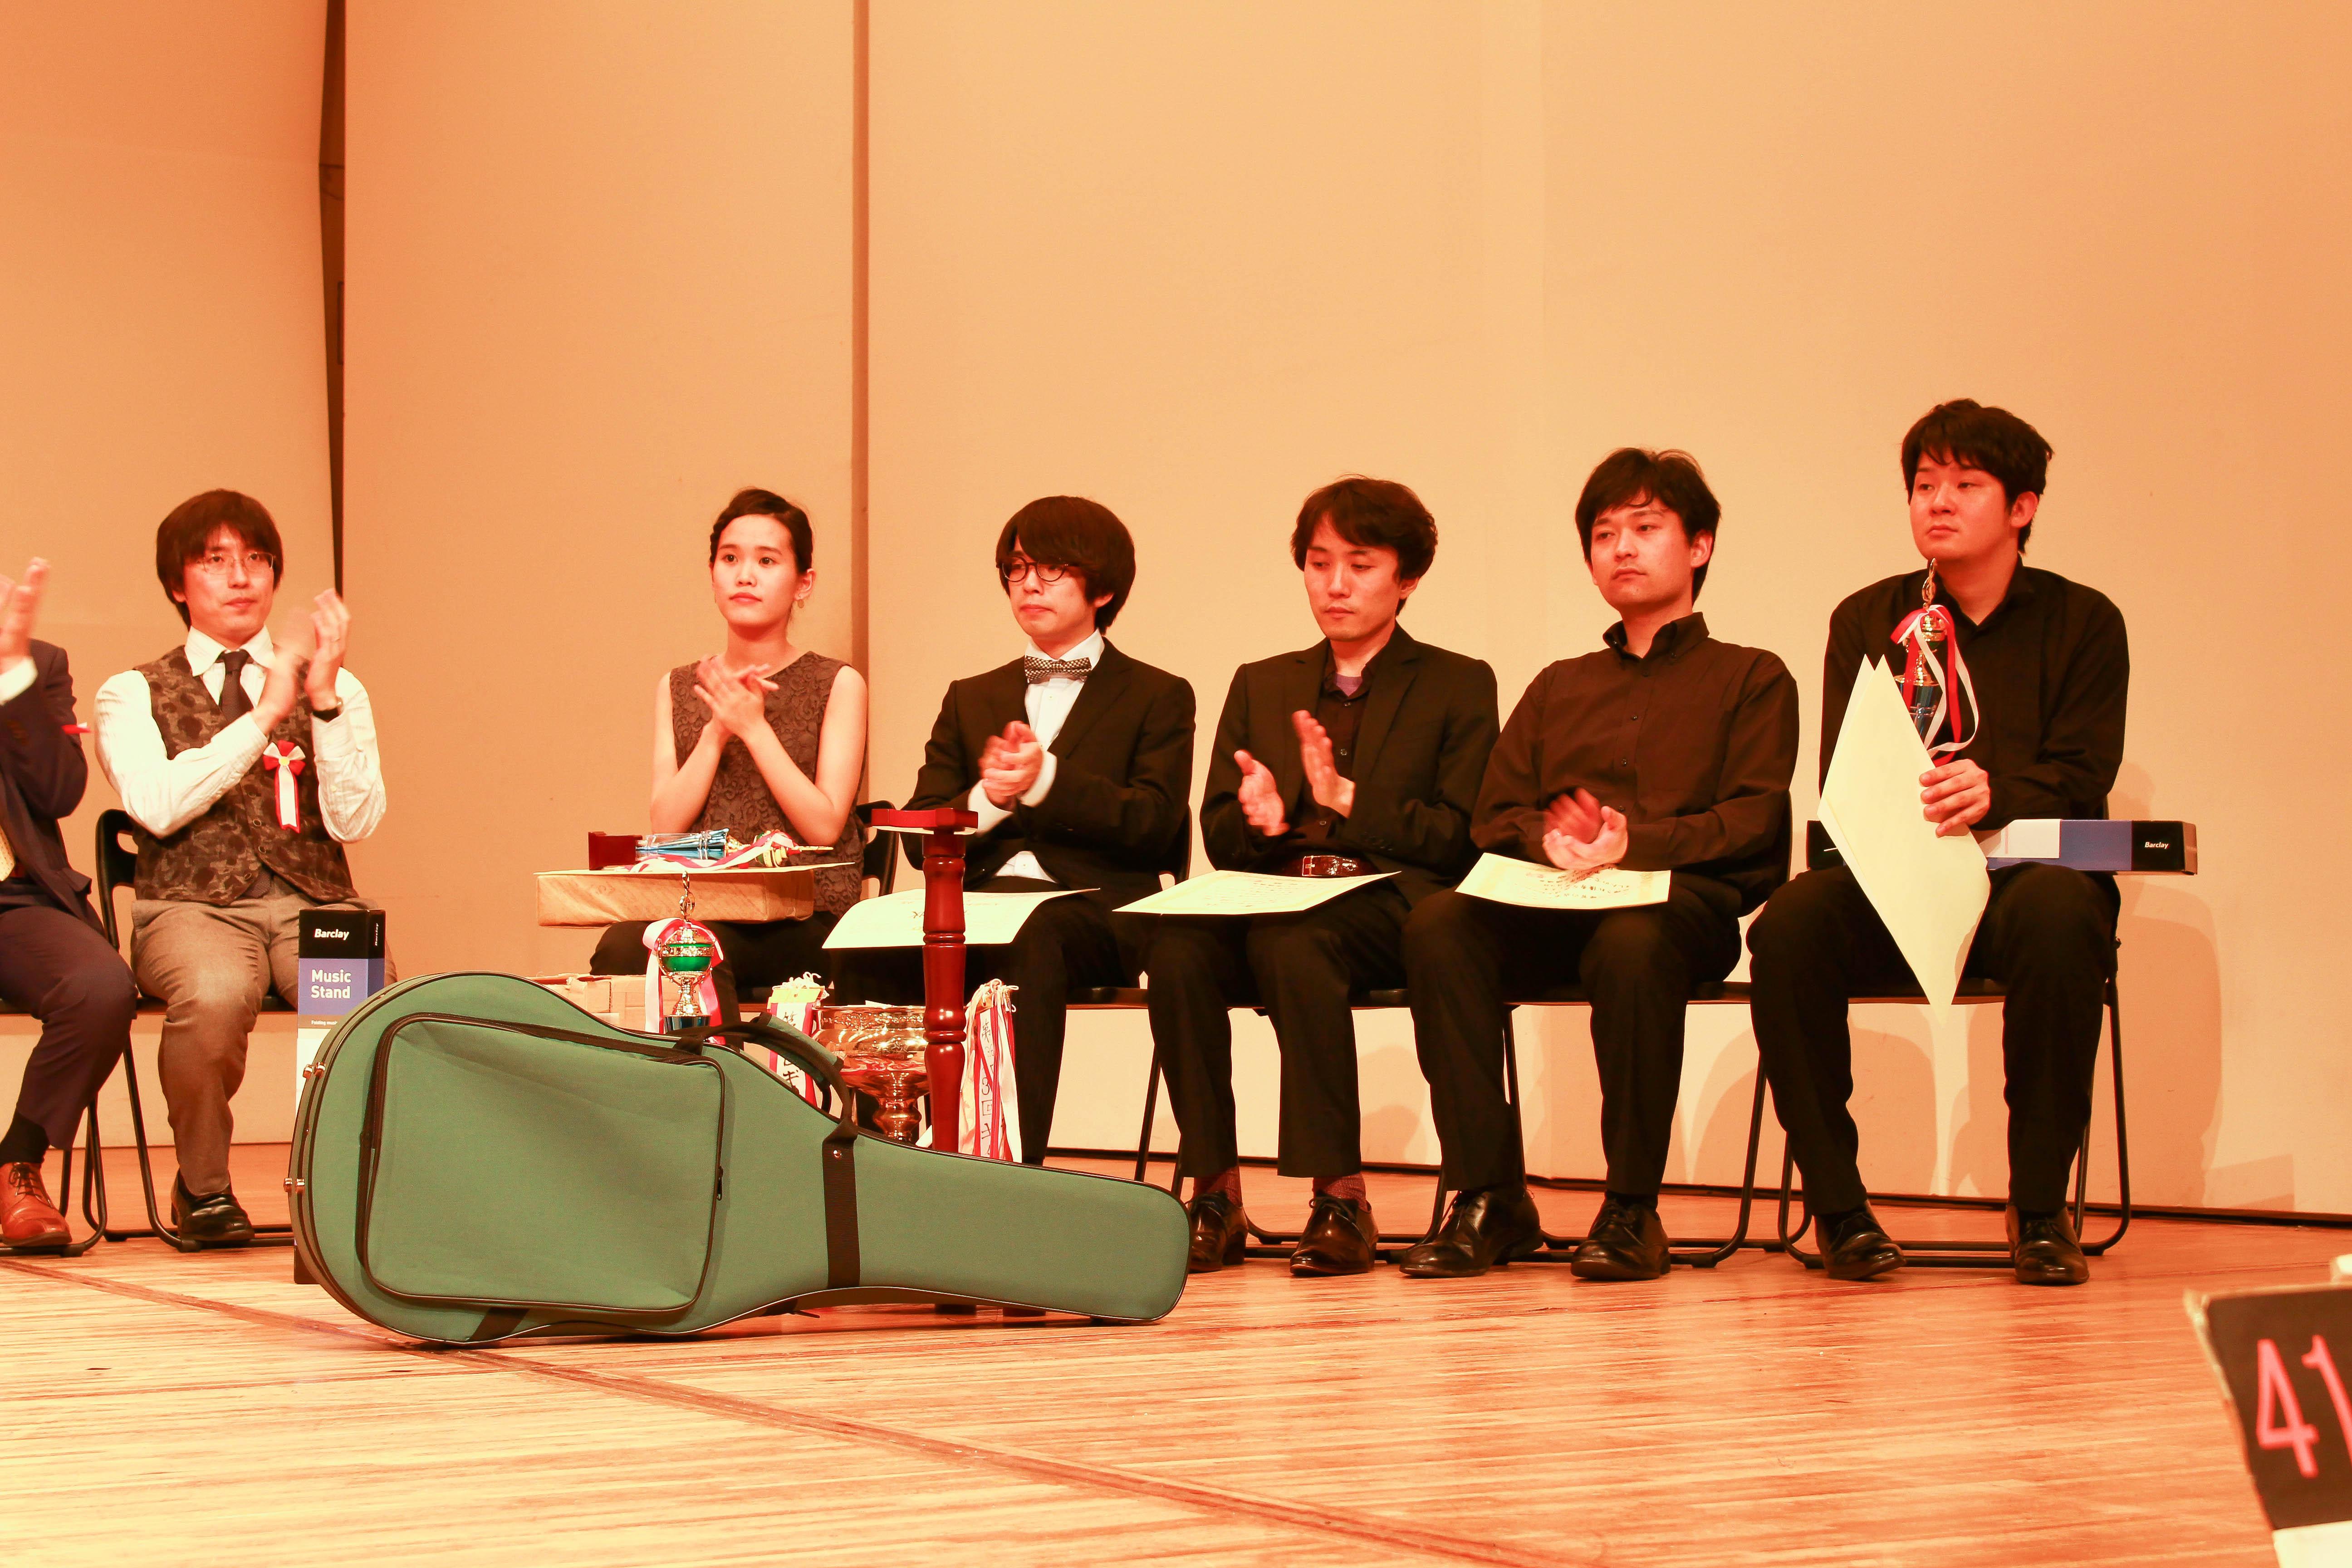 第41回ギター音楽大賞 授賞式2